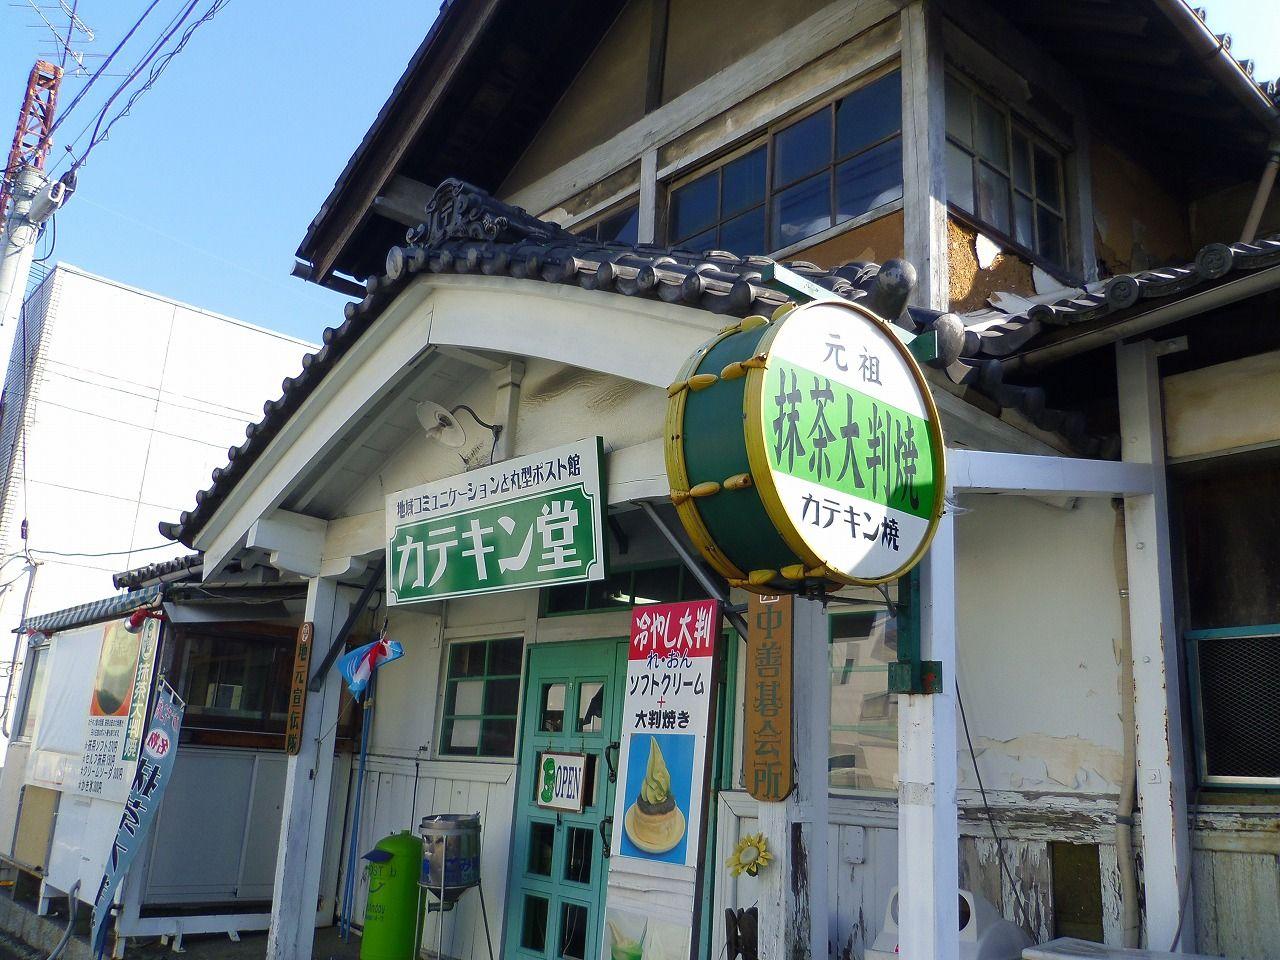 元郵便局舎で気軽に西尾の抹茶スイーツを・愛知西尾「カテキン堂」